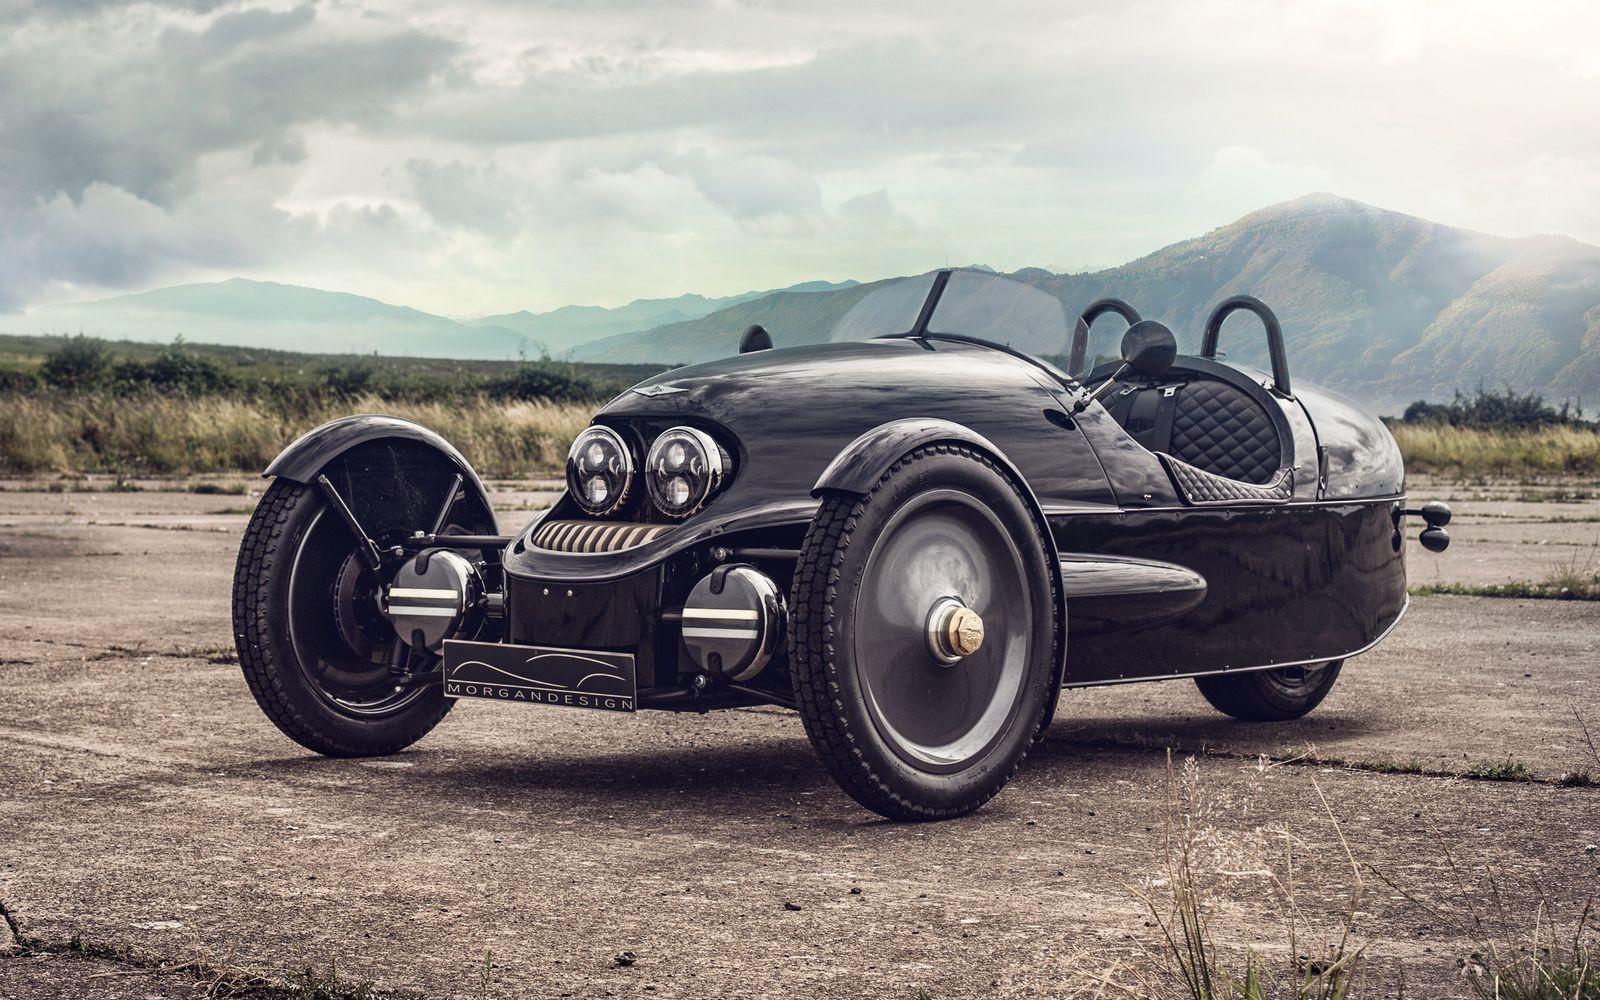 Morgan EV3 весит всего 500 кг благодаря скромным габаритам и деревянному каркасу, обшитому углепластиковыми панелями (на машинах с ДВС панели алюминиевые).